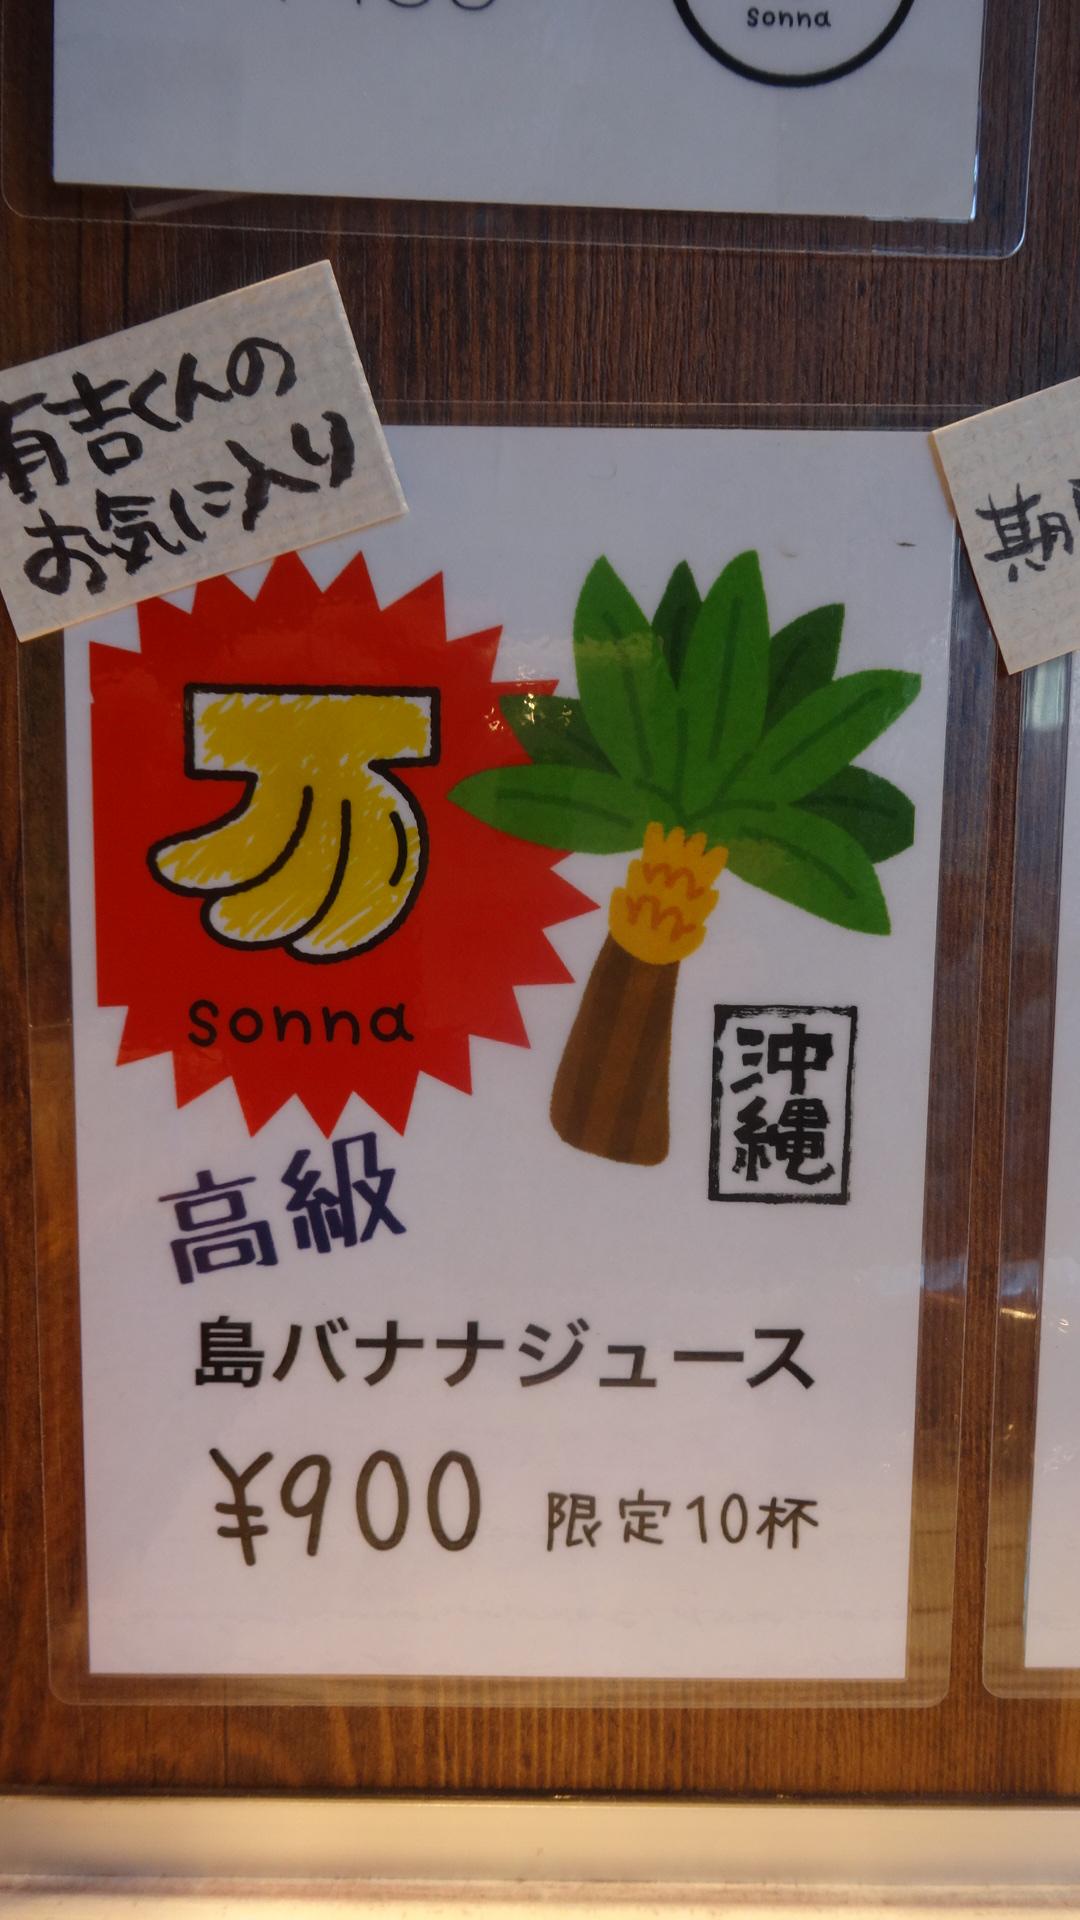 高級バナナジュースの広告